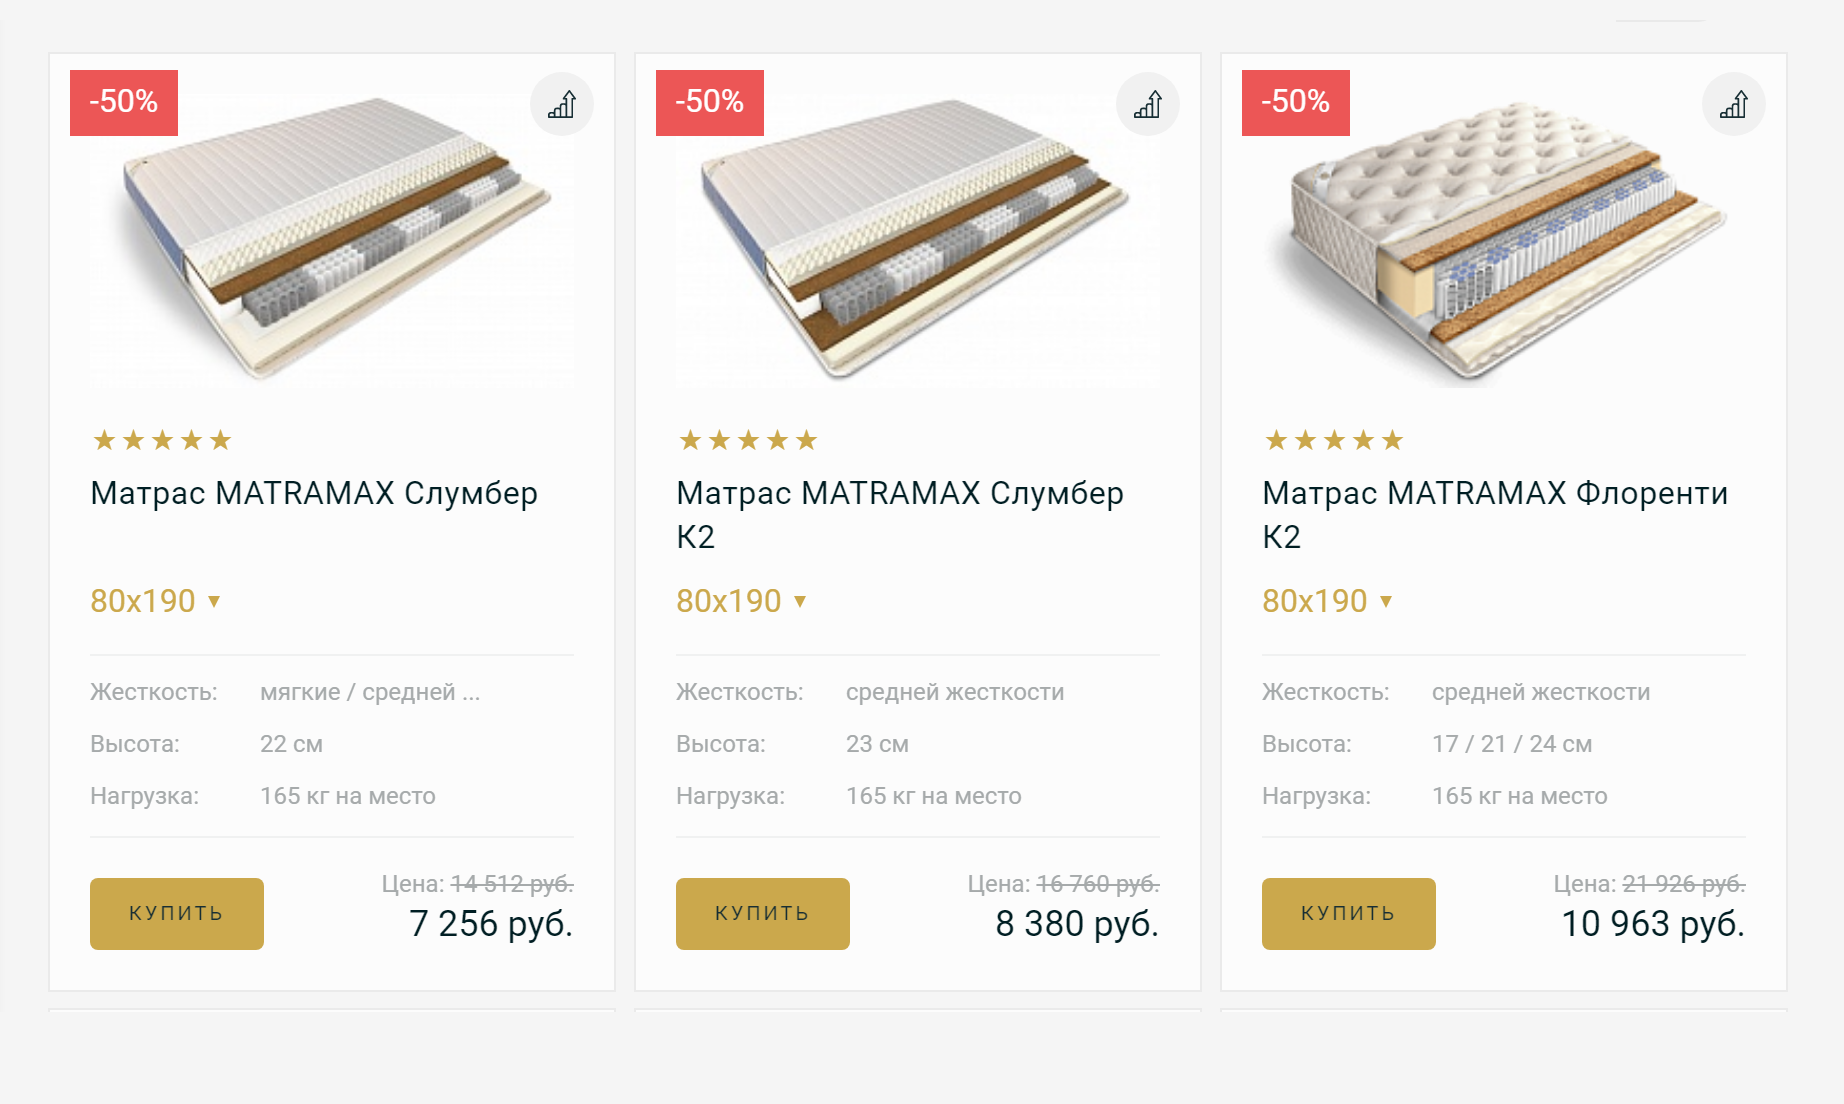 Матрасы в интернет-магазине «Матрамакс»: цены от 7256<span class=ruble>Р</span> и выше для&nbsp;односпальной кровати